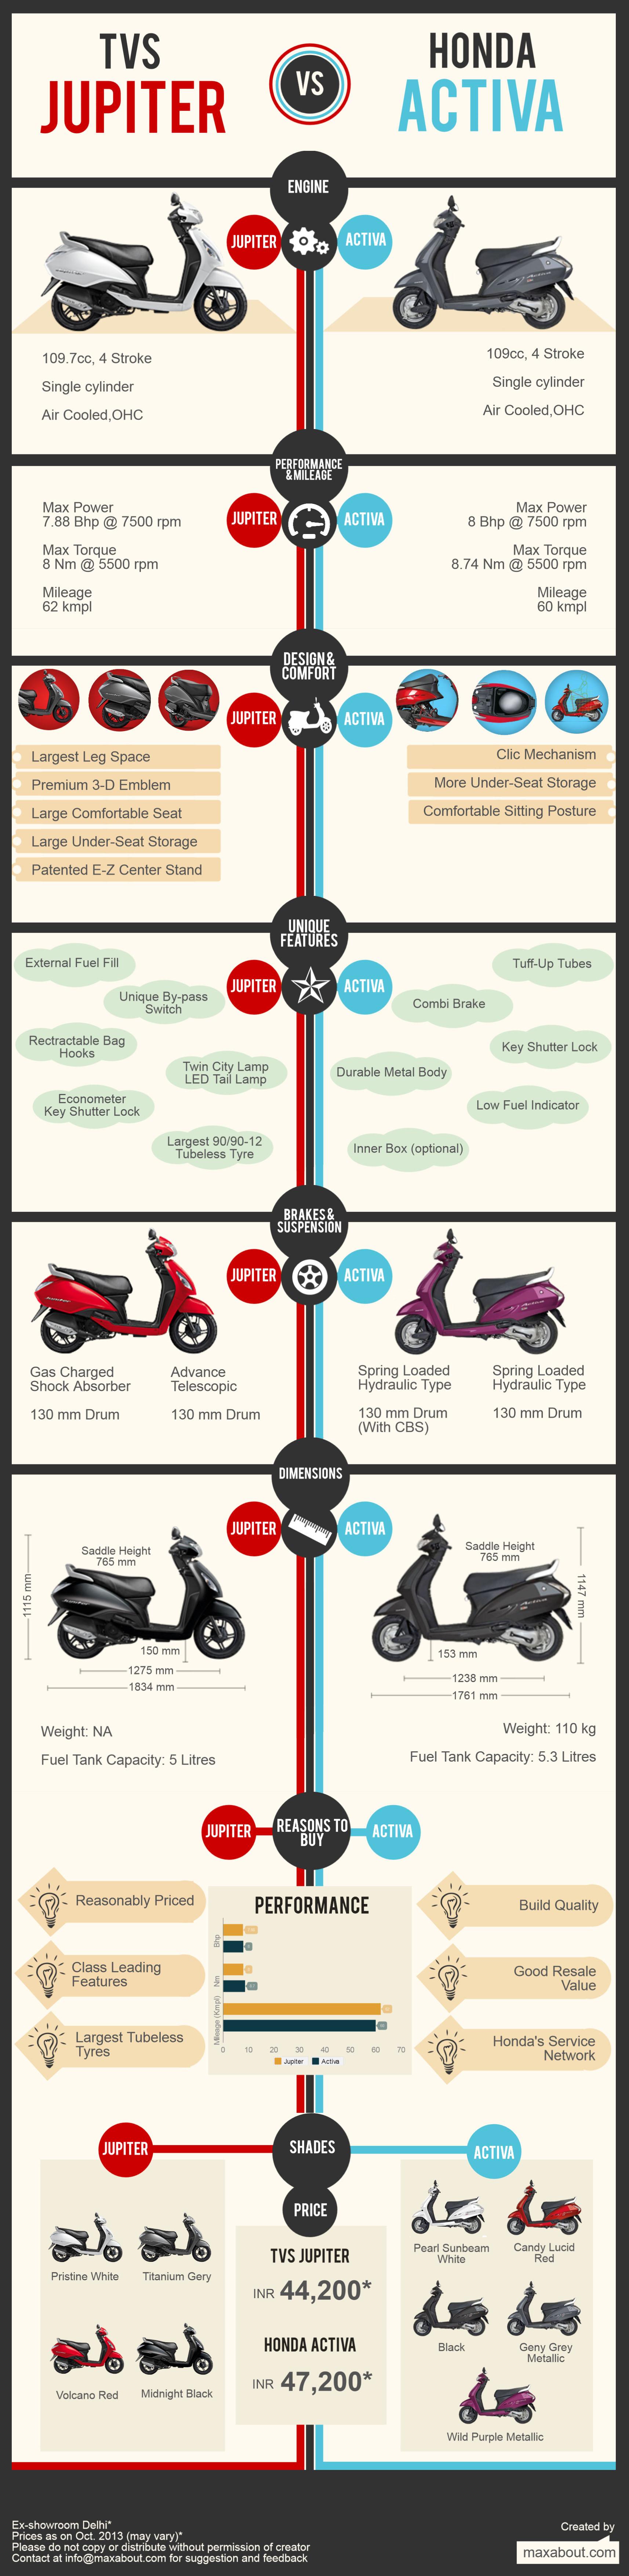 tvs-jupiter-vs-honda-activa_5258ed5962a99